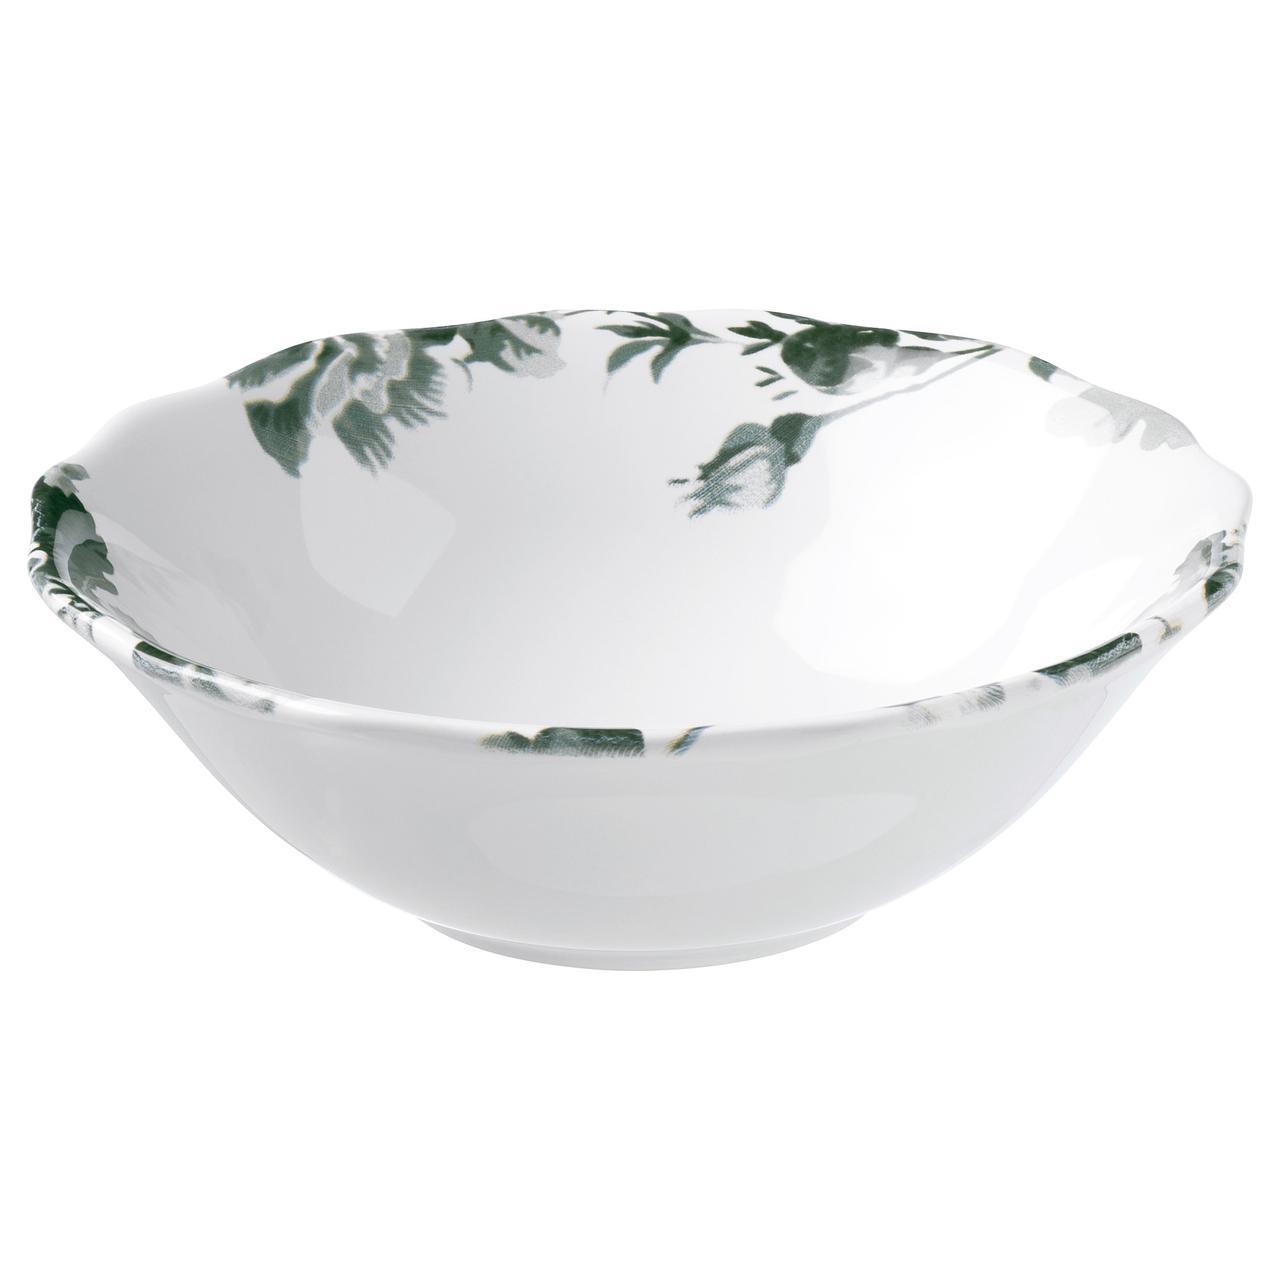 АРВ Миска, белый, зеленый